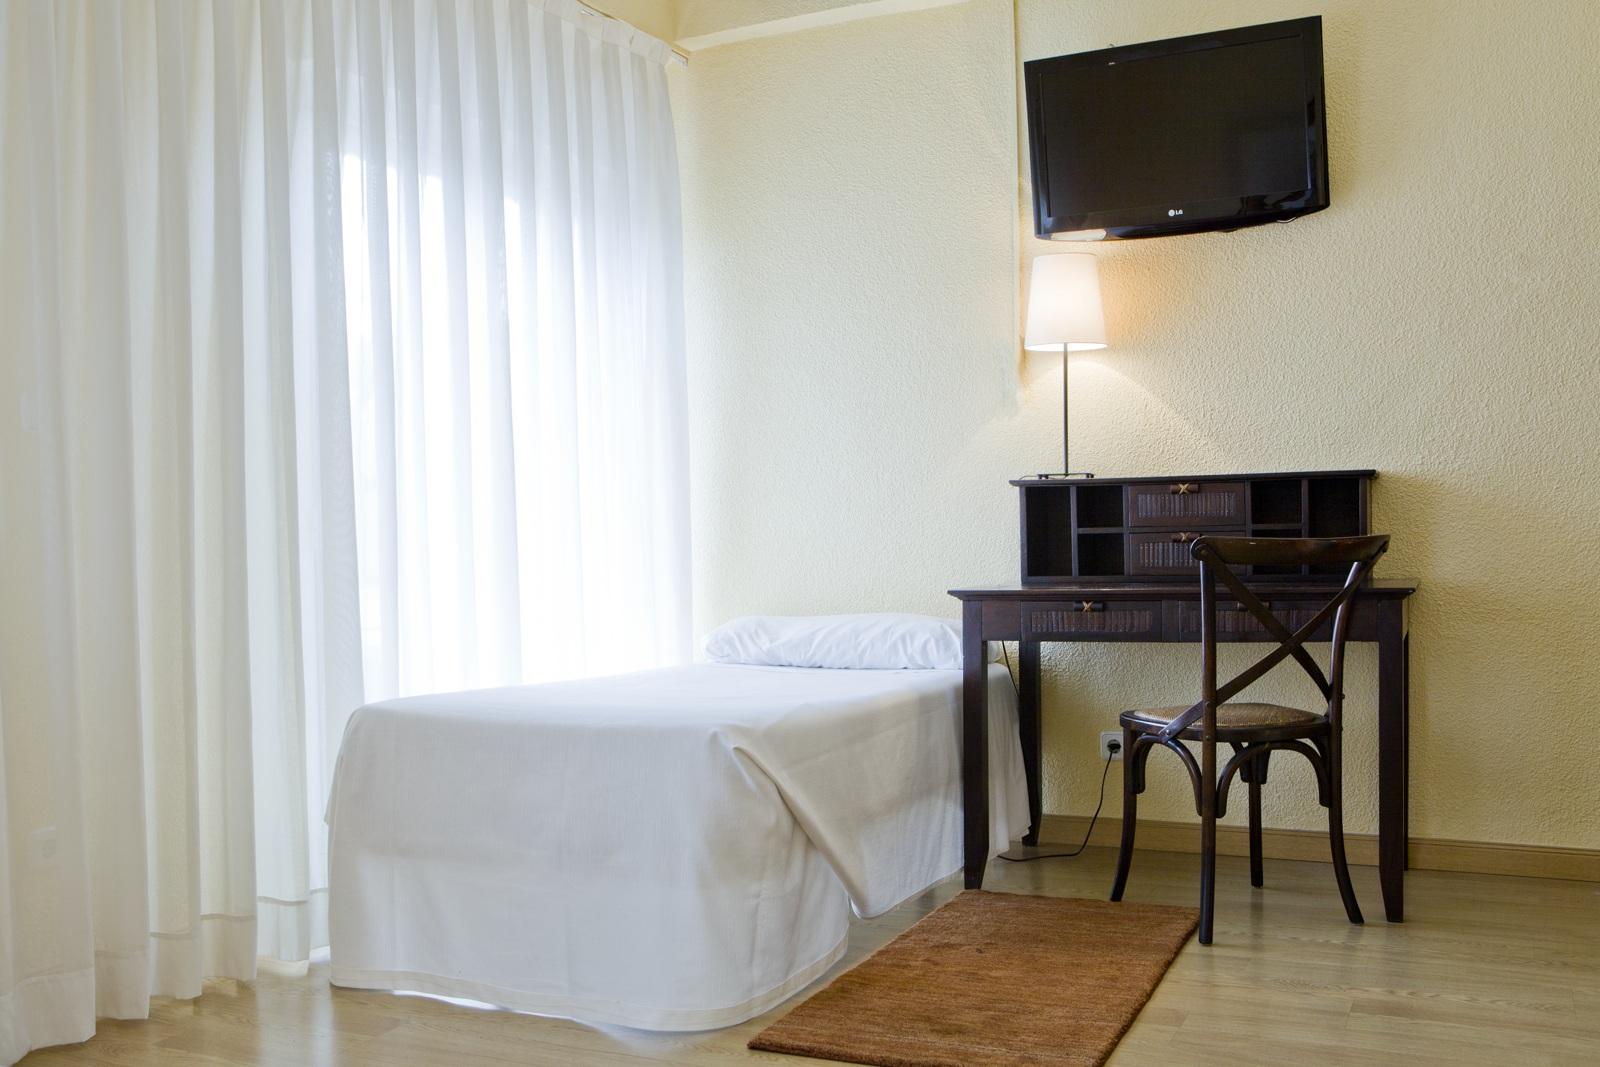 hotel don diego madrid: